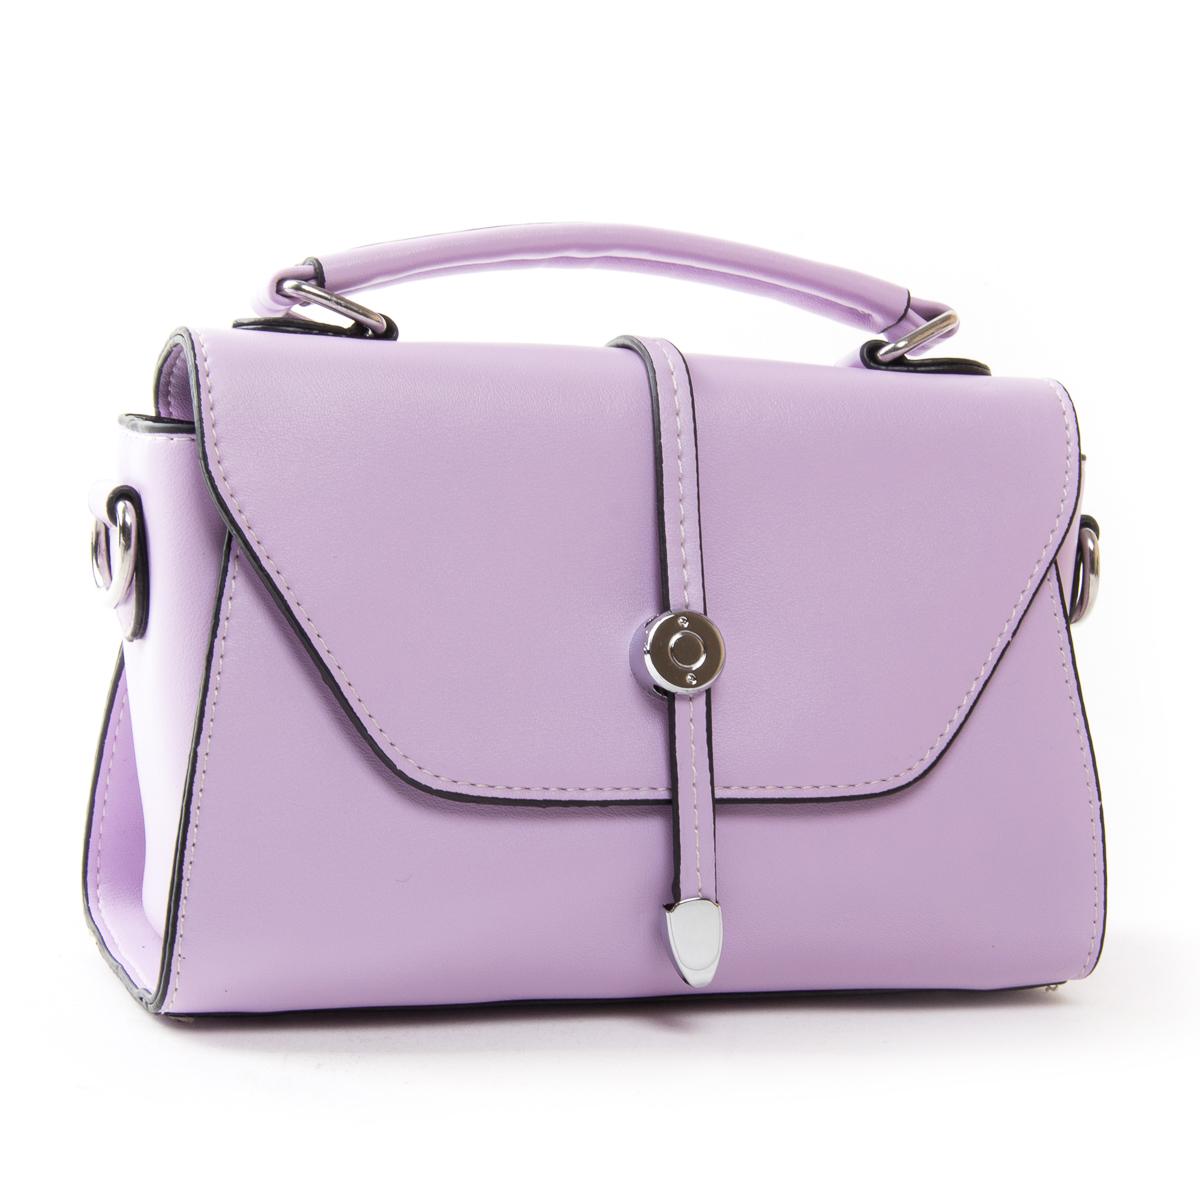 Сумка Женская Классическая иск-кожа FASHION 01-00 9908 purple